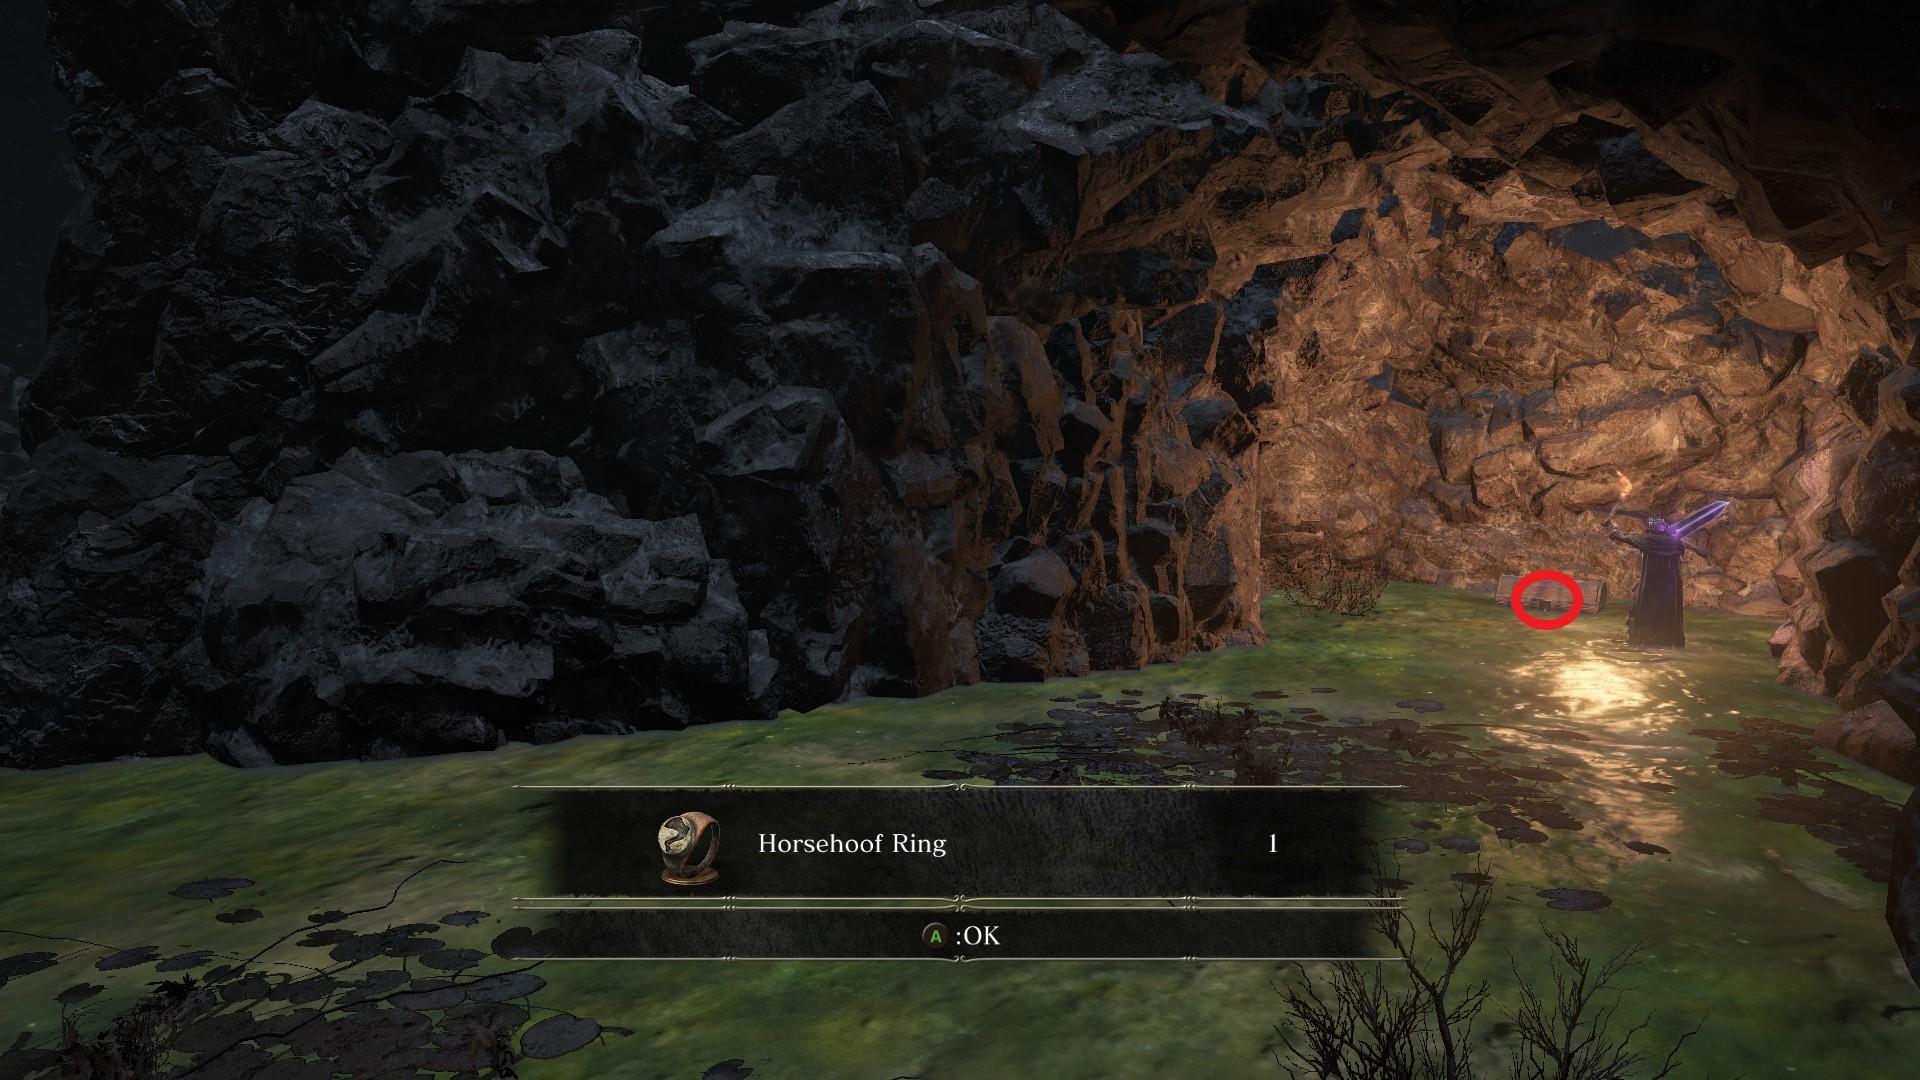 Horsehoof_Ring.jpg